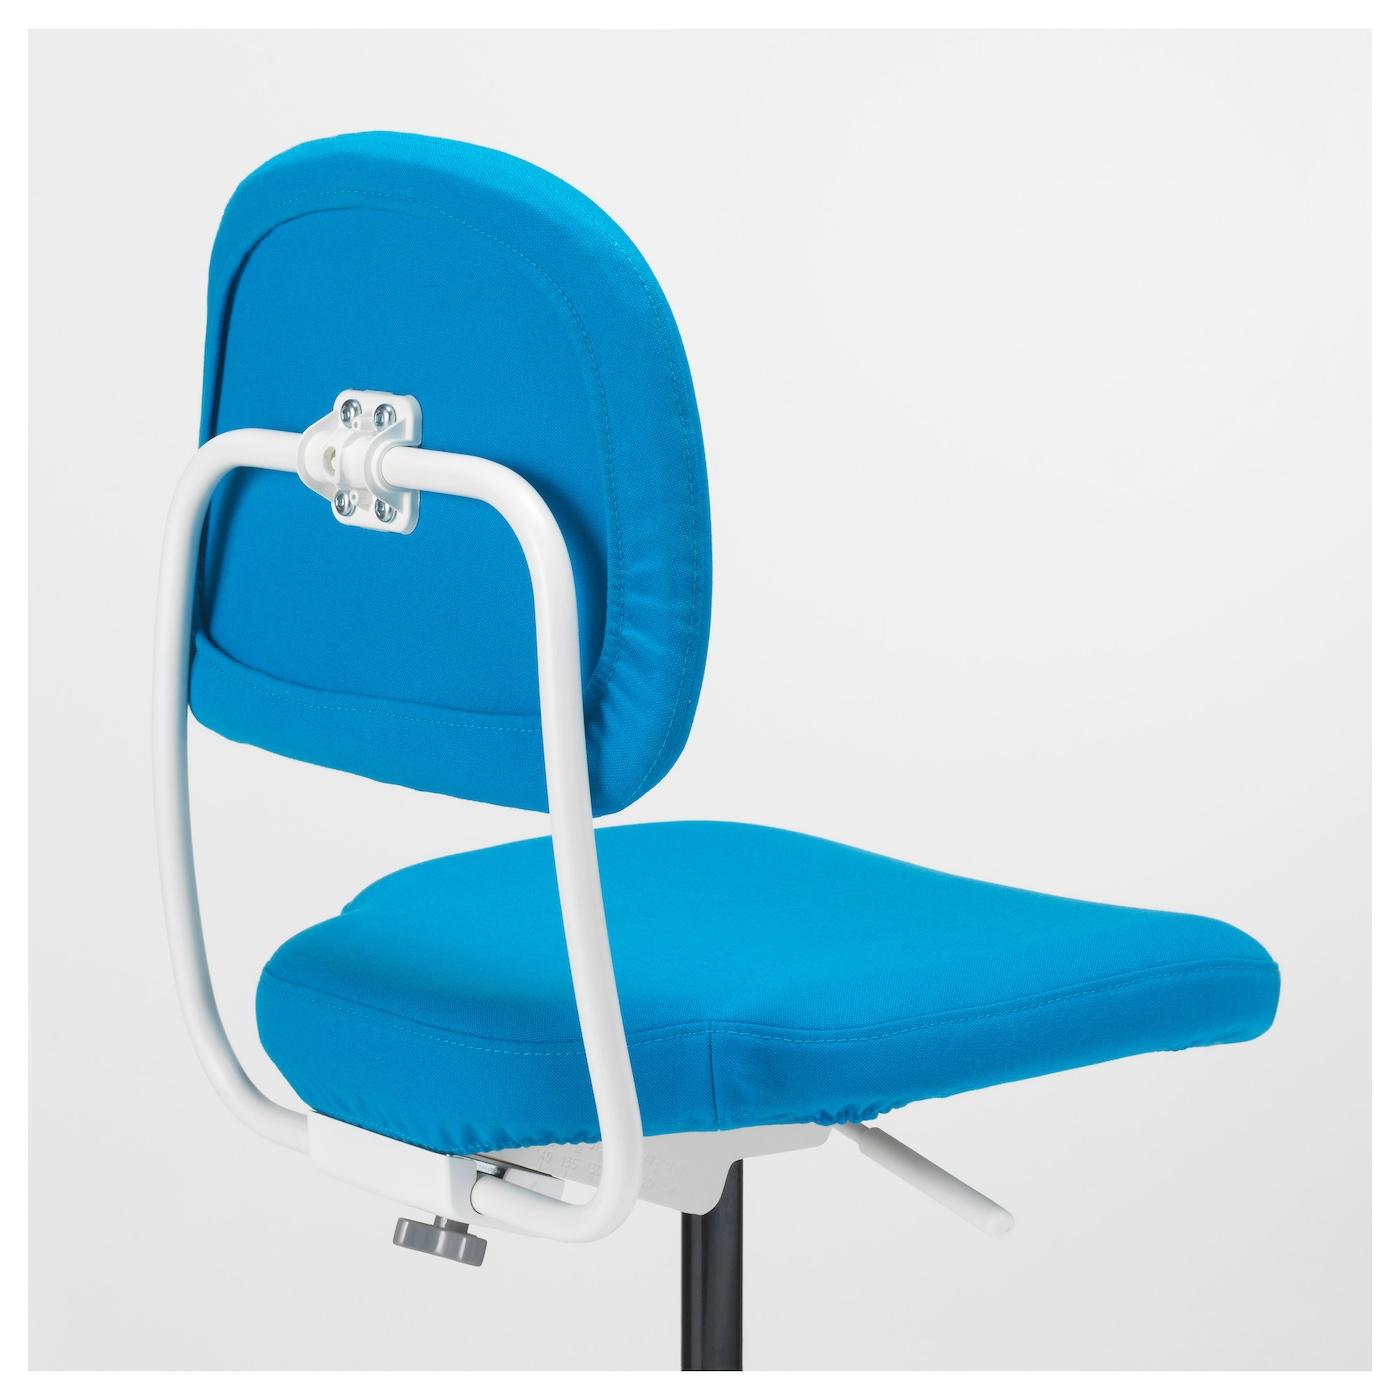 VIMUND Children s desk chair Vissle bright blue IKEA